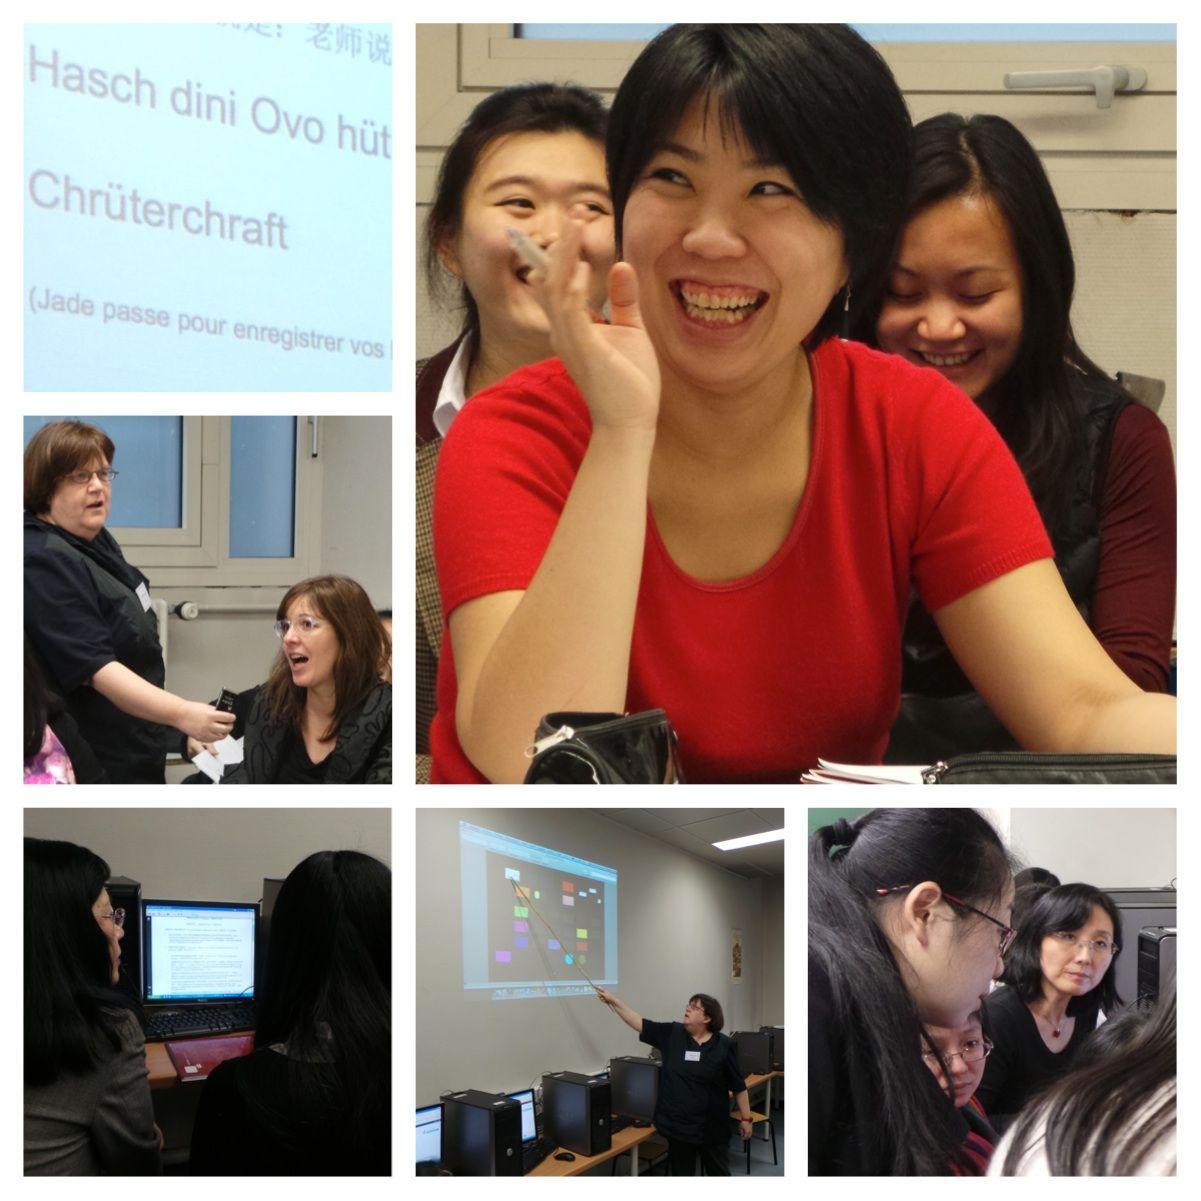 Le e-learning au coeur des apprentissages et du plaisir d'apprendre !  Et vous, avez-vous déjà suivi une formation en ligne ? #écolenumérique #formation  #paris #parisnow  #séminaire  #numérique #école #collège #lycée #ensemble #plaisir #chine #chinois #china #formation  #pédagogie #europeetinternational